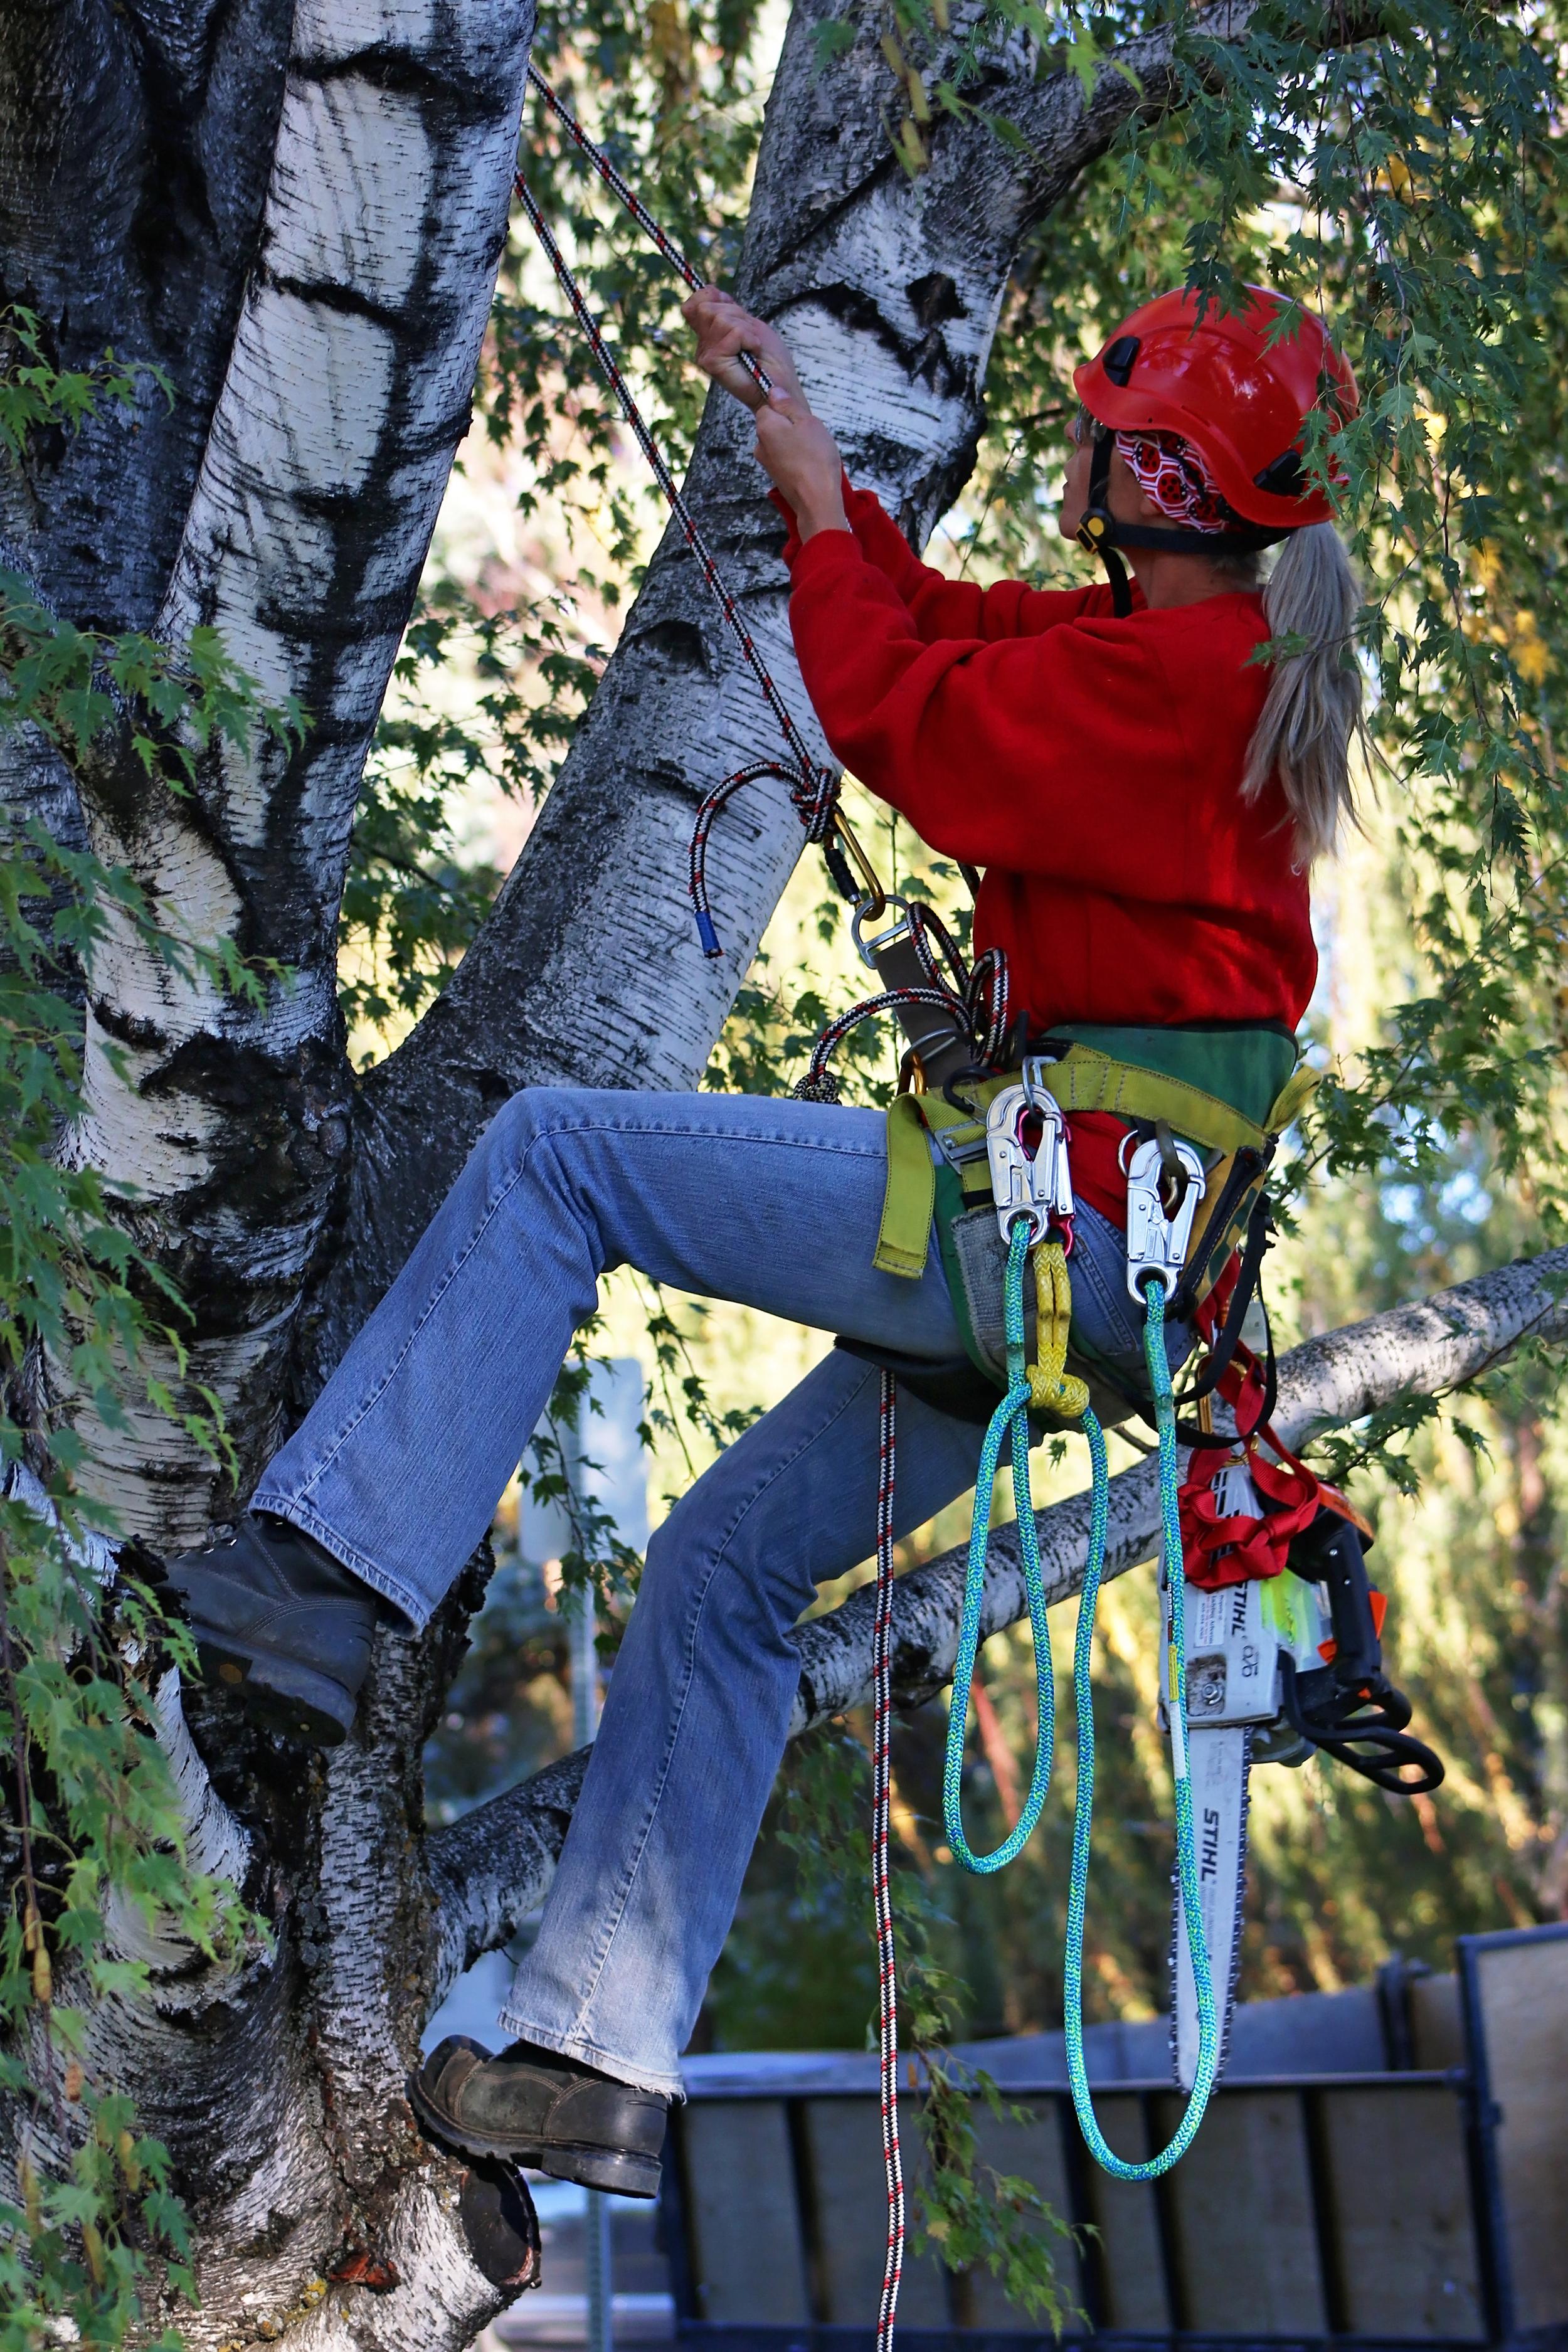 Ladybug_Arborists_26.jpg